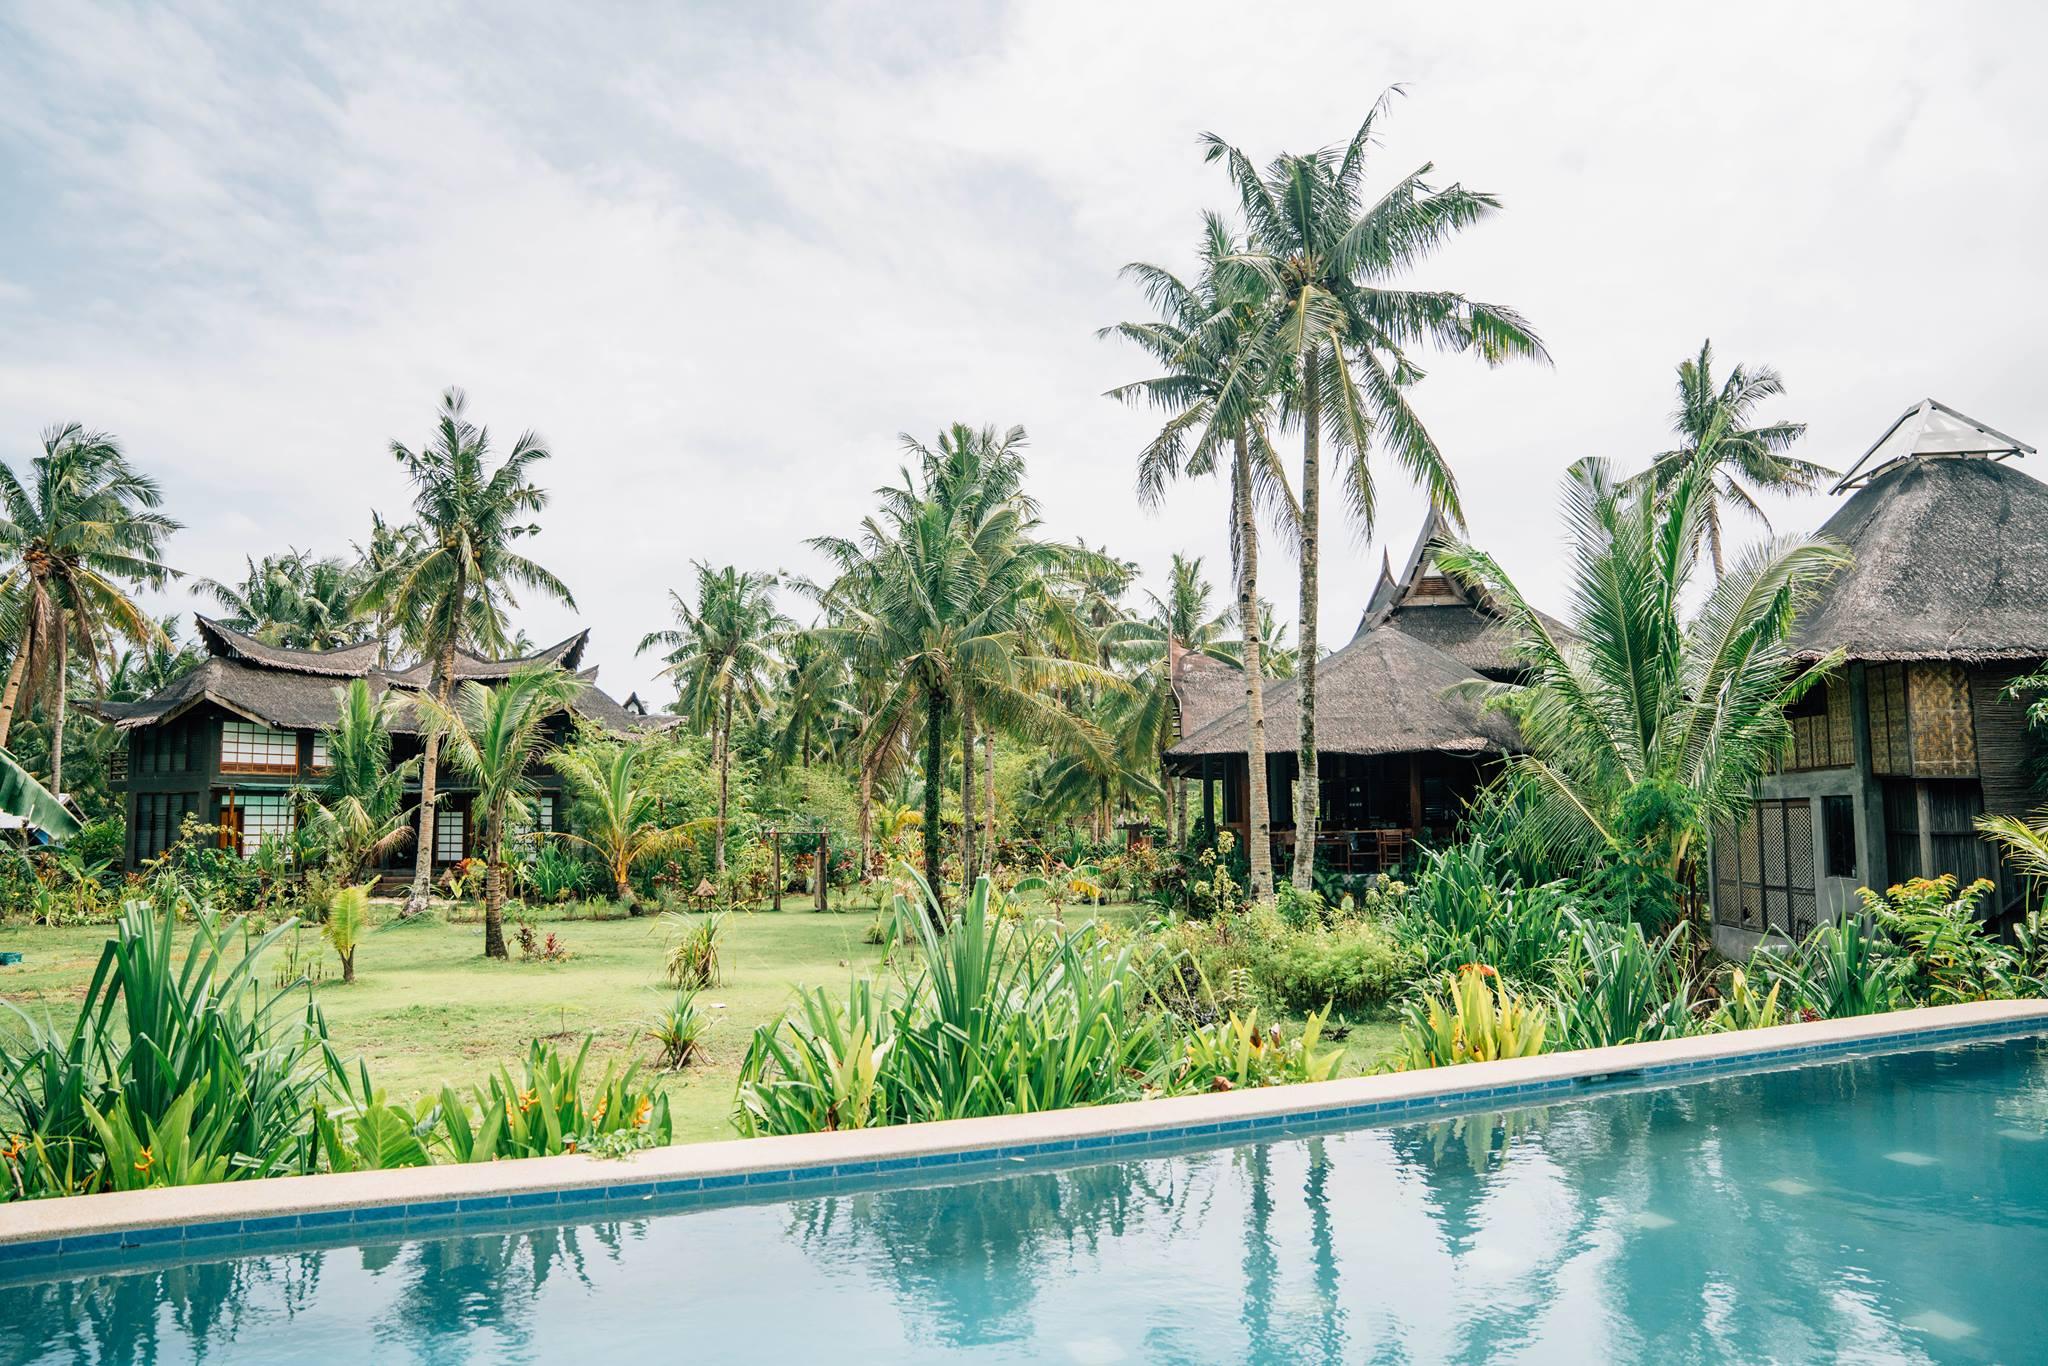 Lap Pool facing the amenities at Lotus Shores Siargao